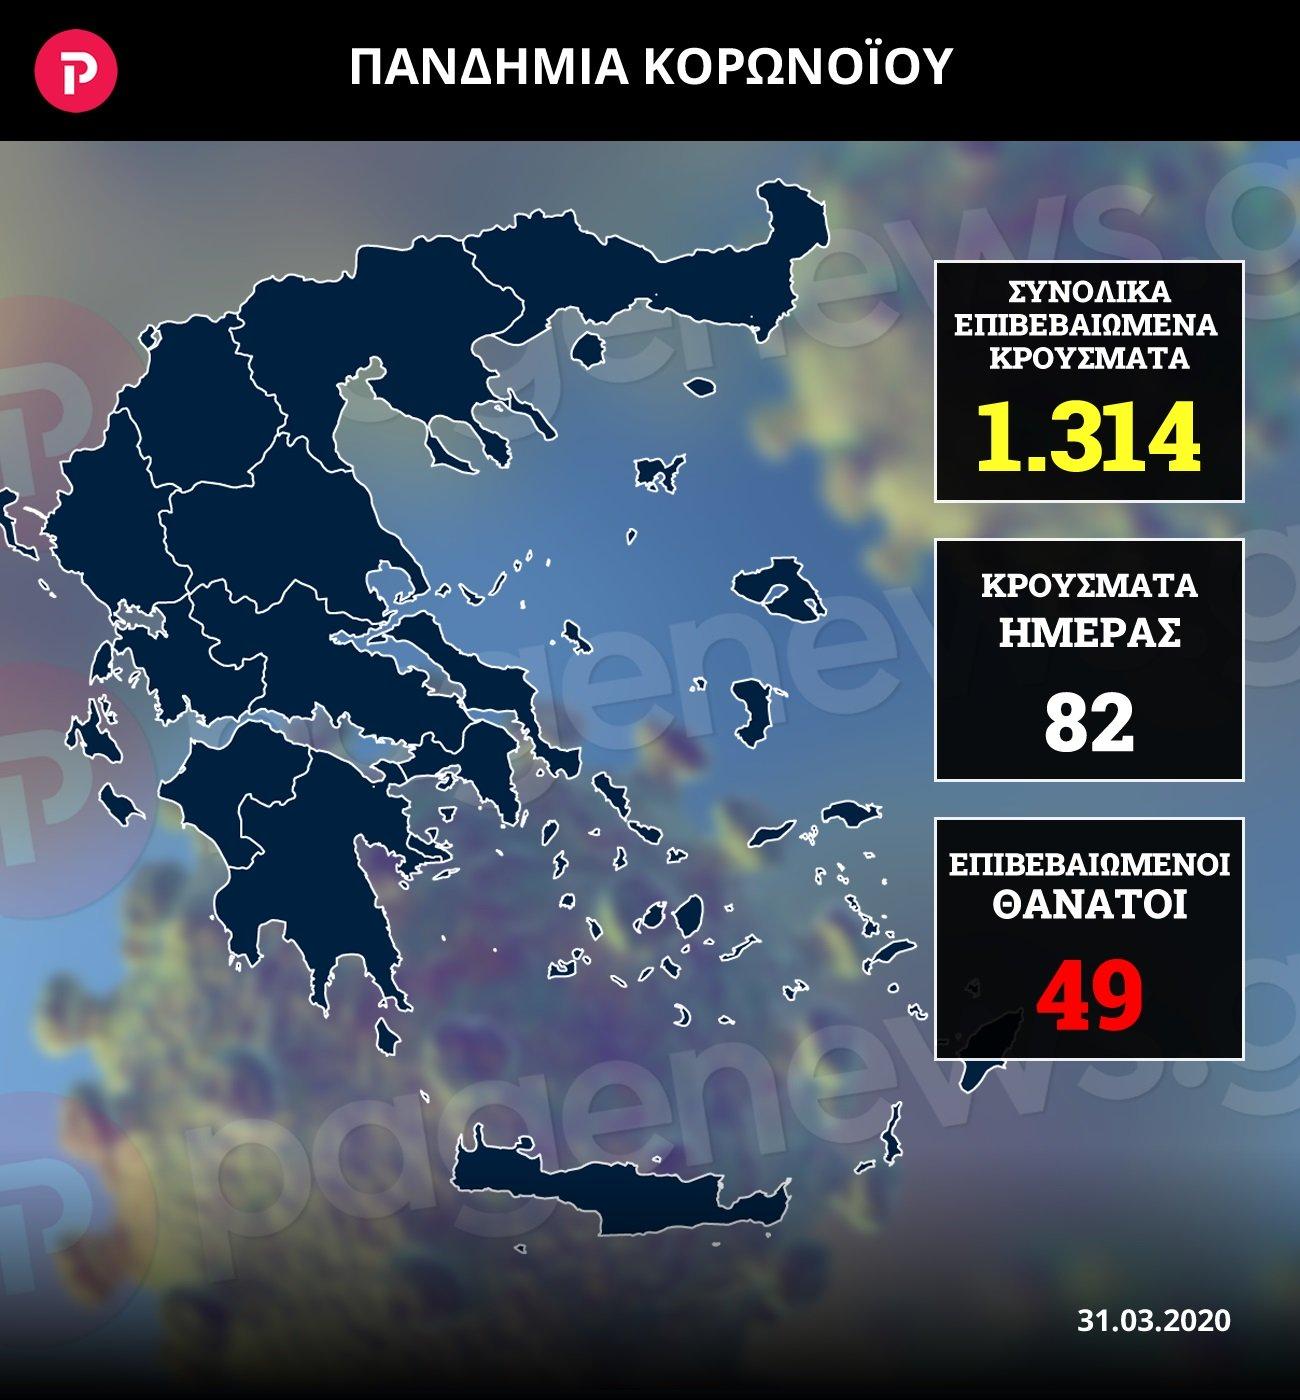 infographic31032020-1